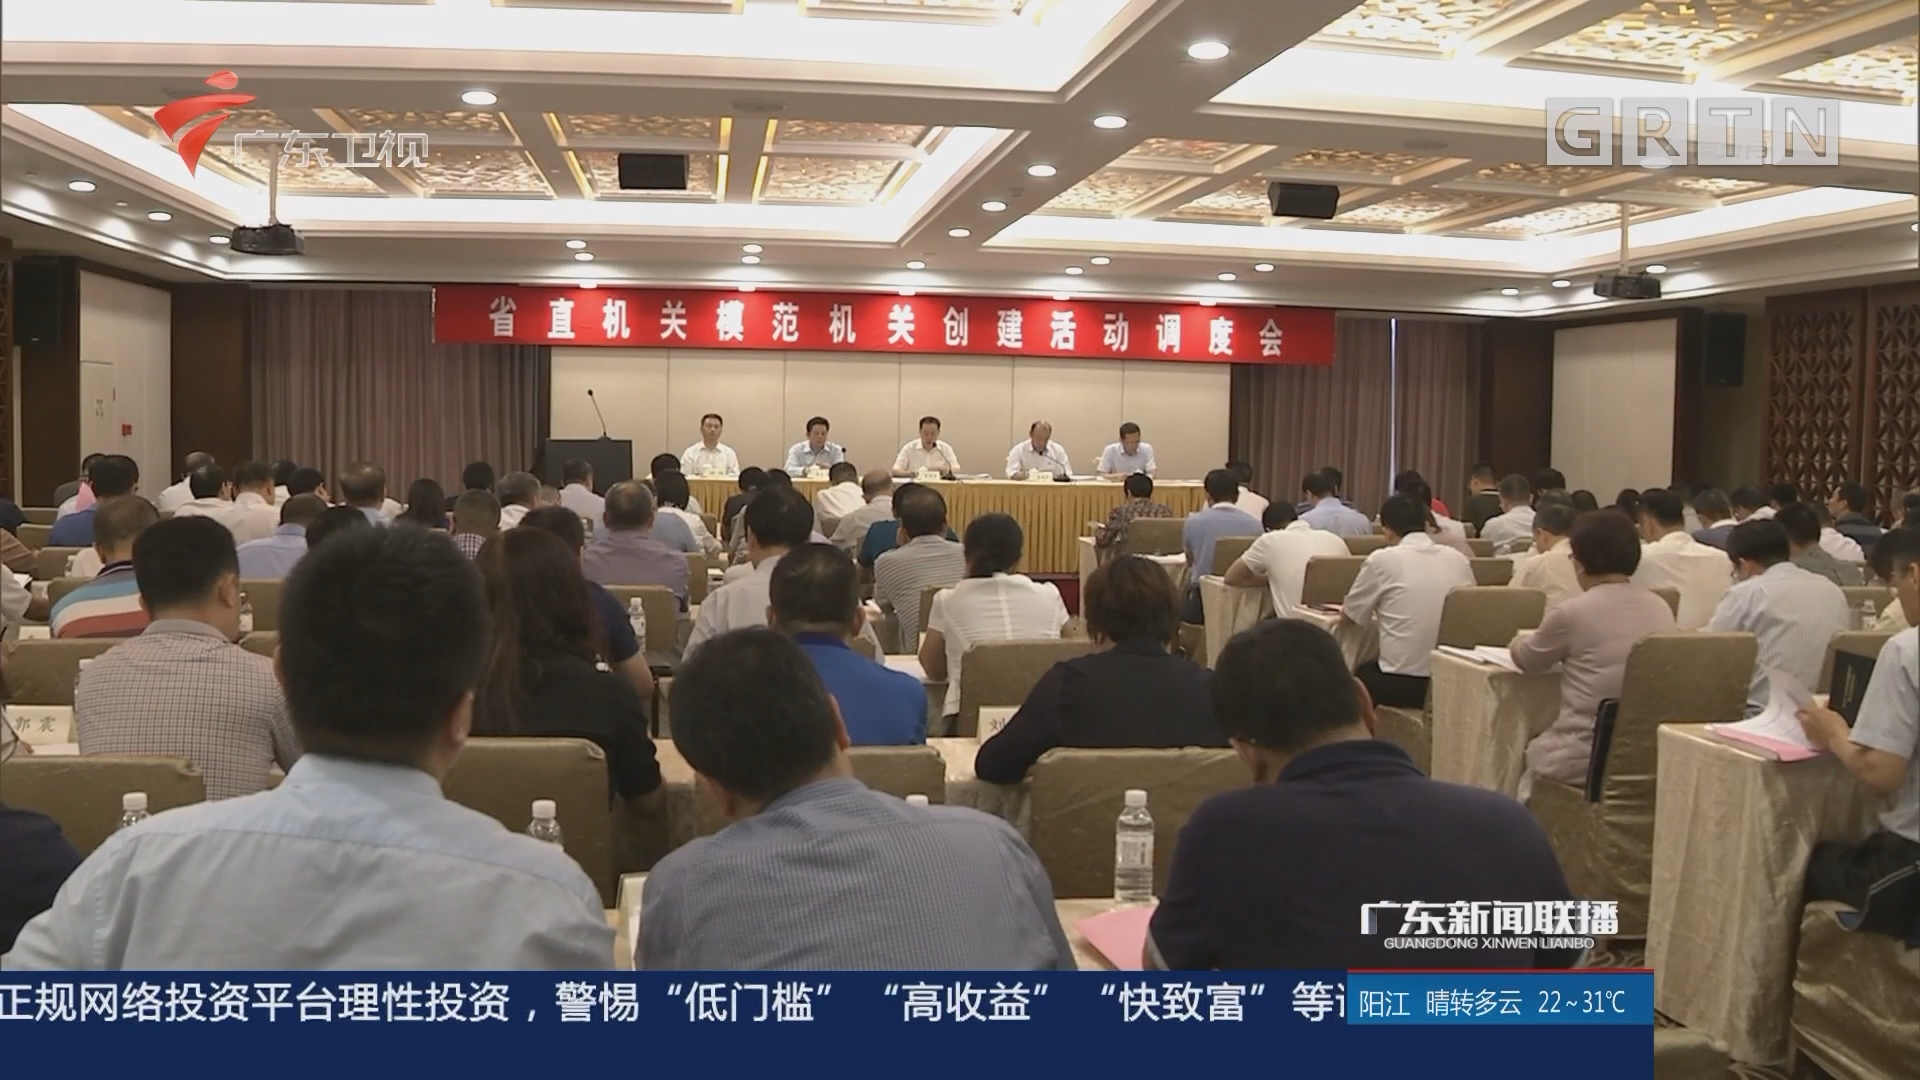 广东省直机关工委组织召开创建模范机关调度会